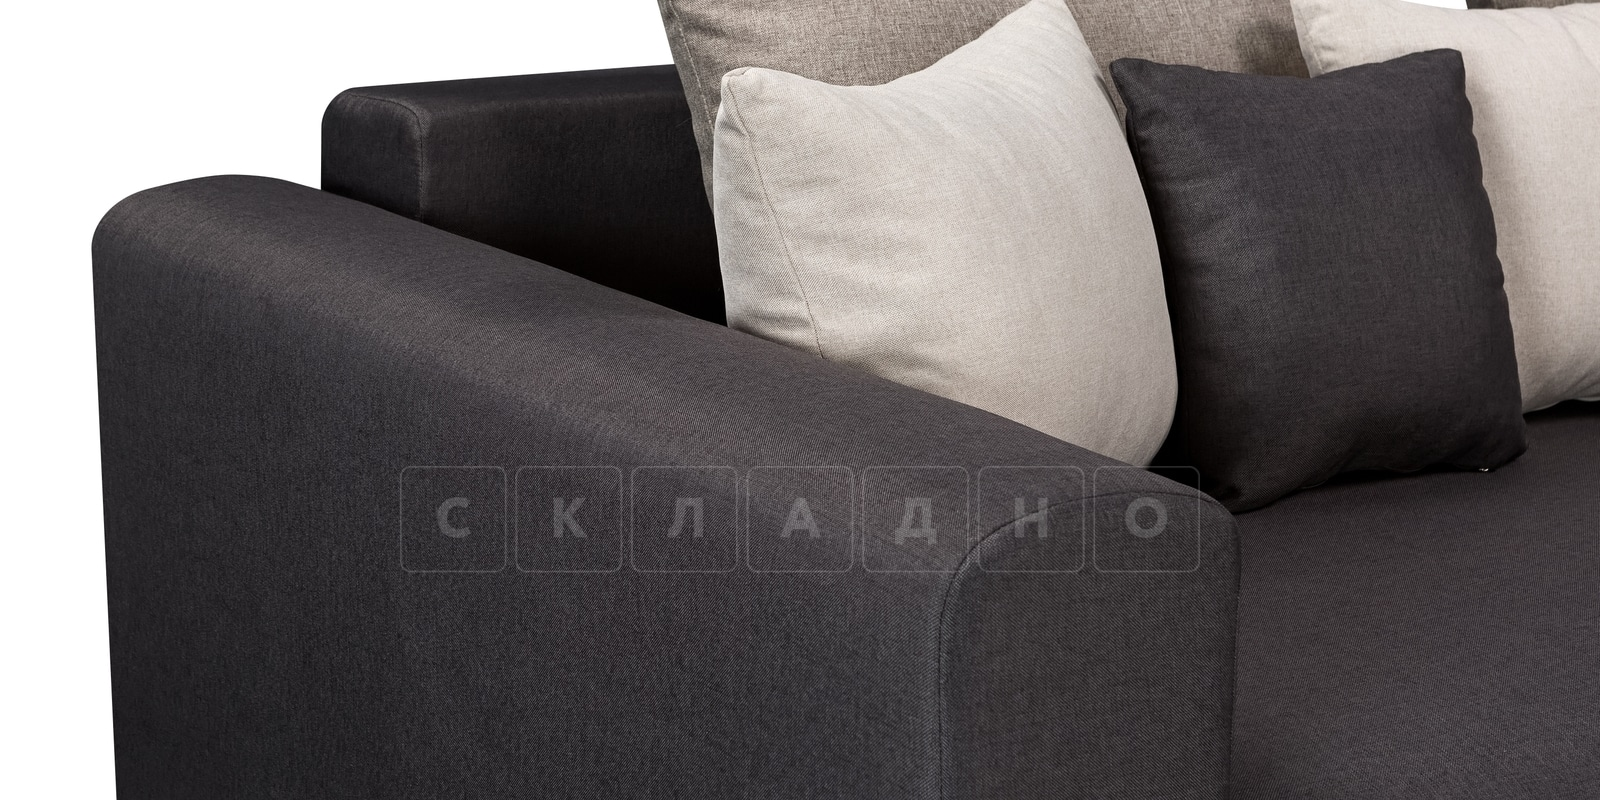 Угловой диван Медисон темно-серый 244х224 см фото 5 | интернет-магазин Складно